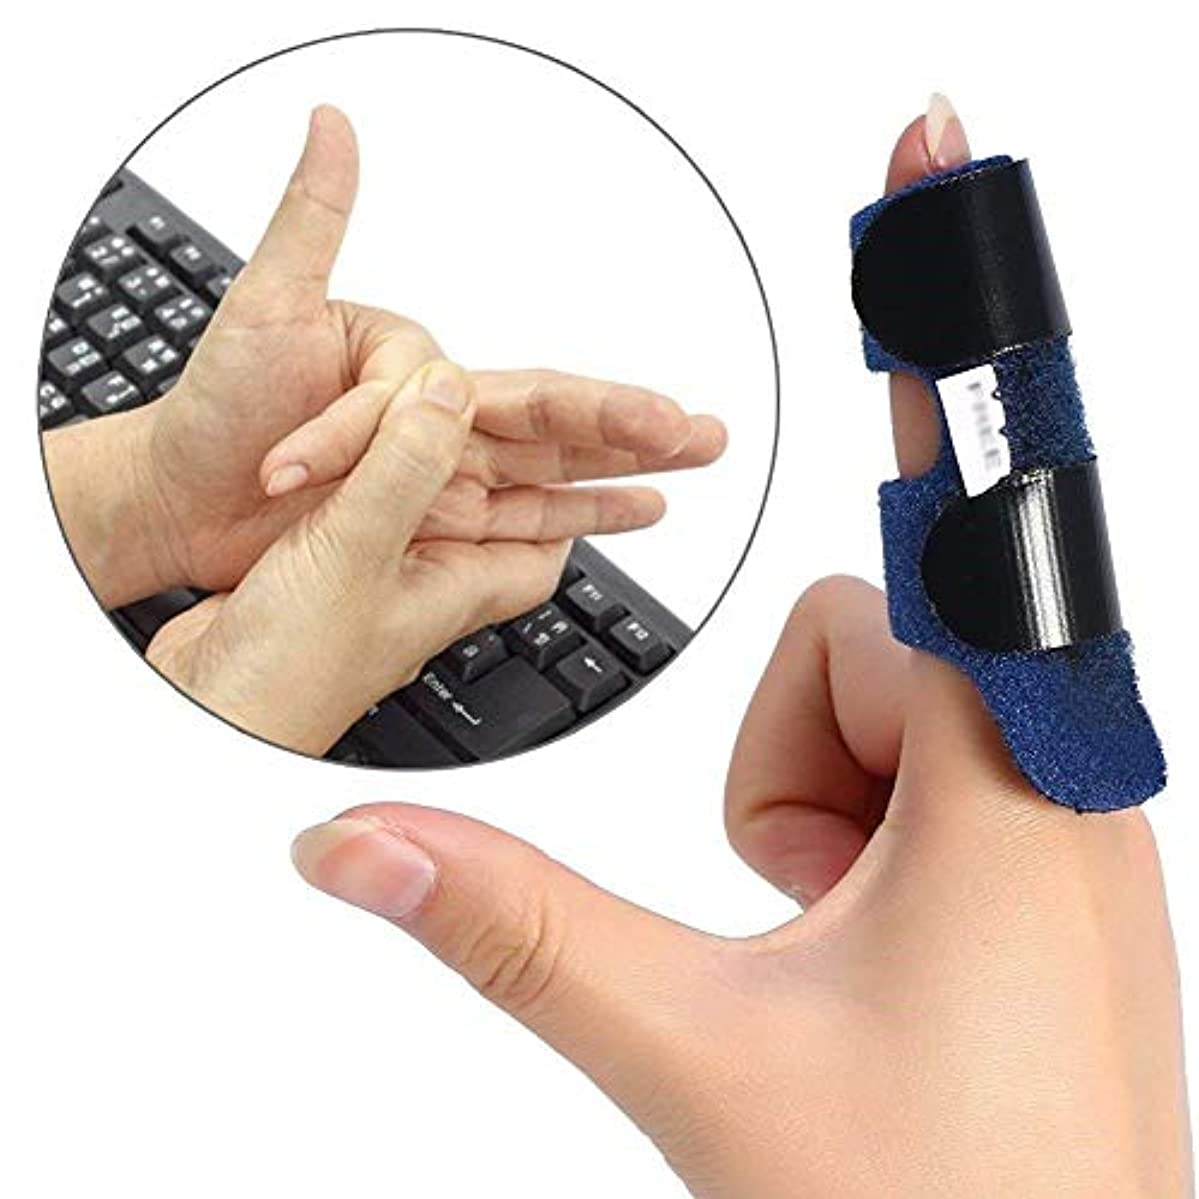 しなやかユニークな施設すべての指トリガーの指矯正ブレースに適した指の怪我のサポート-内蔵のアルミニウム調整可能ストラップ